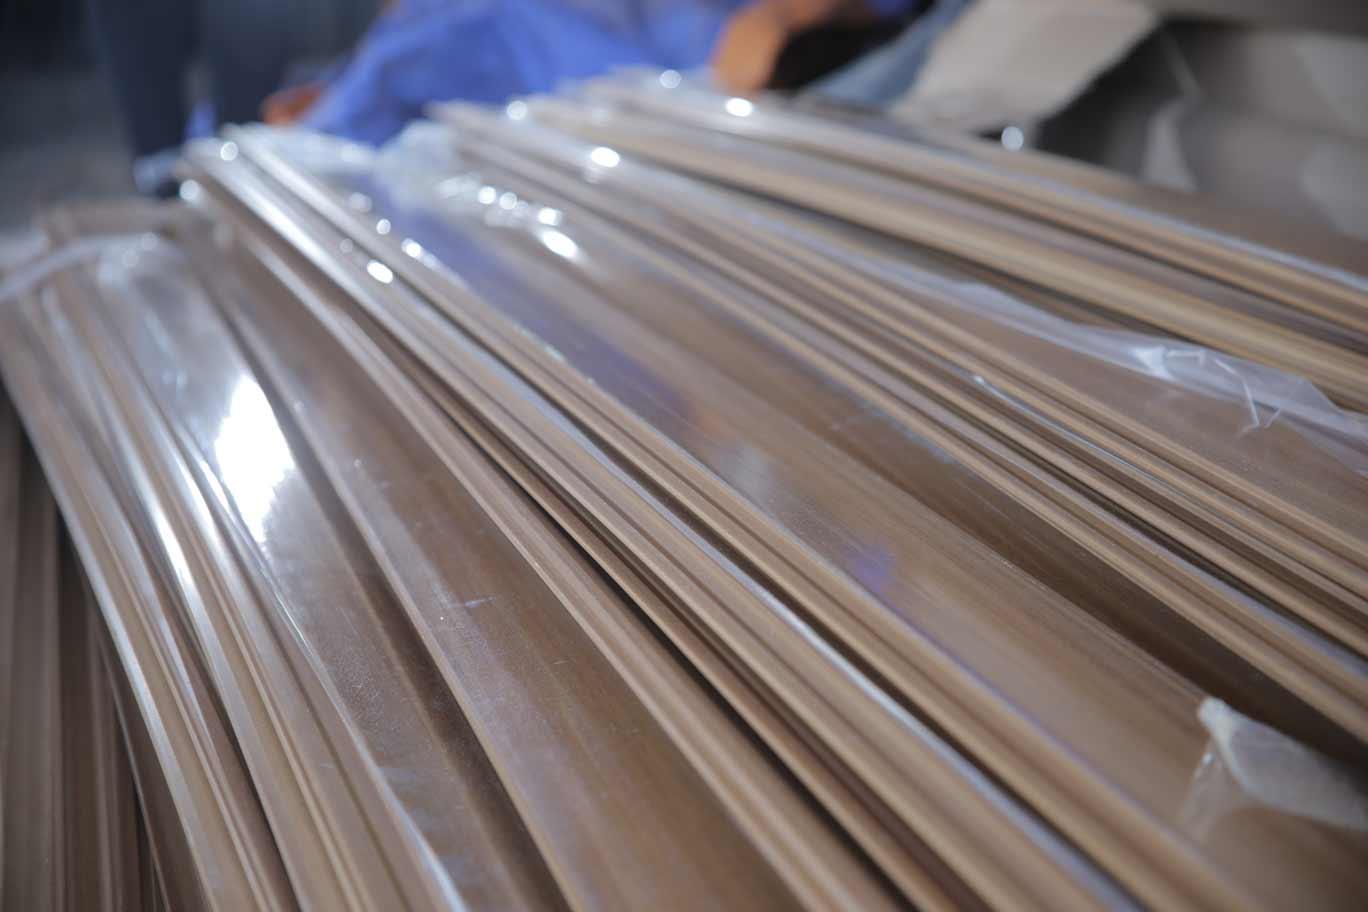 Hình ảnh minh họa sàn gỗ nhựa